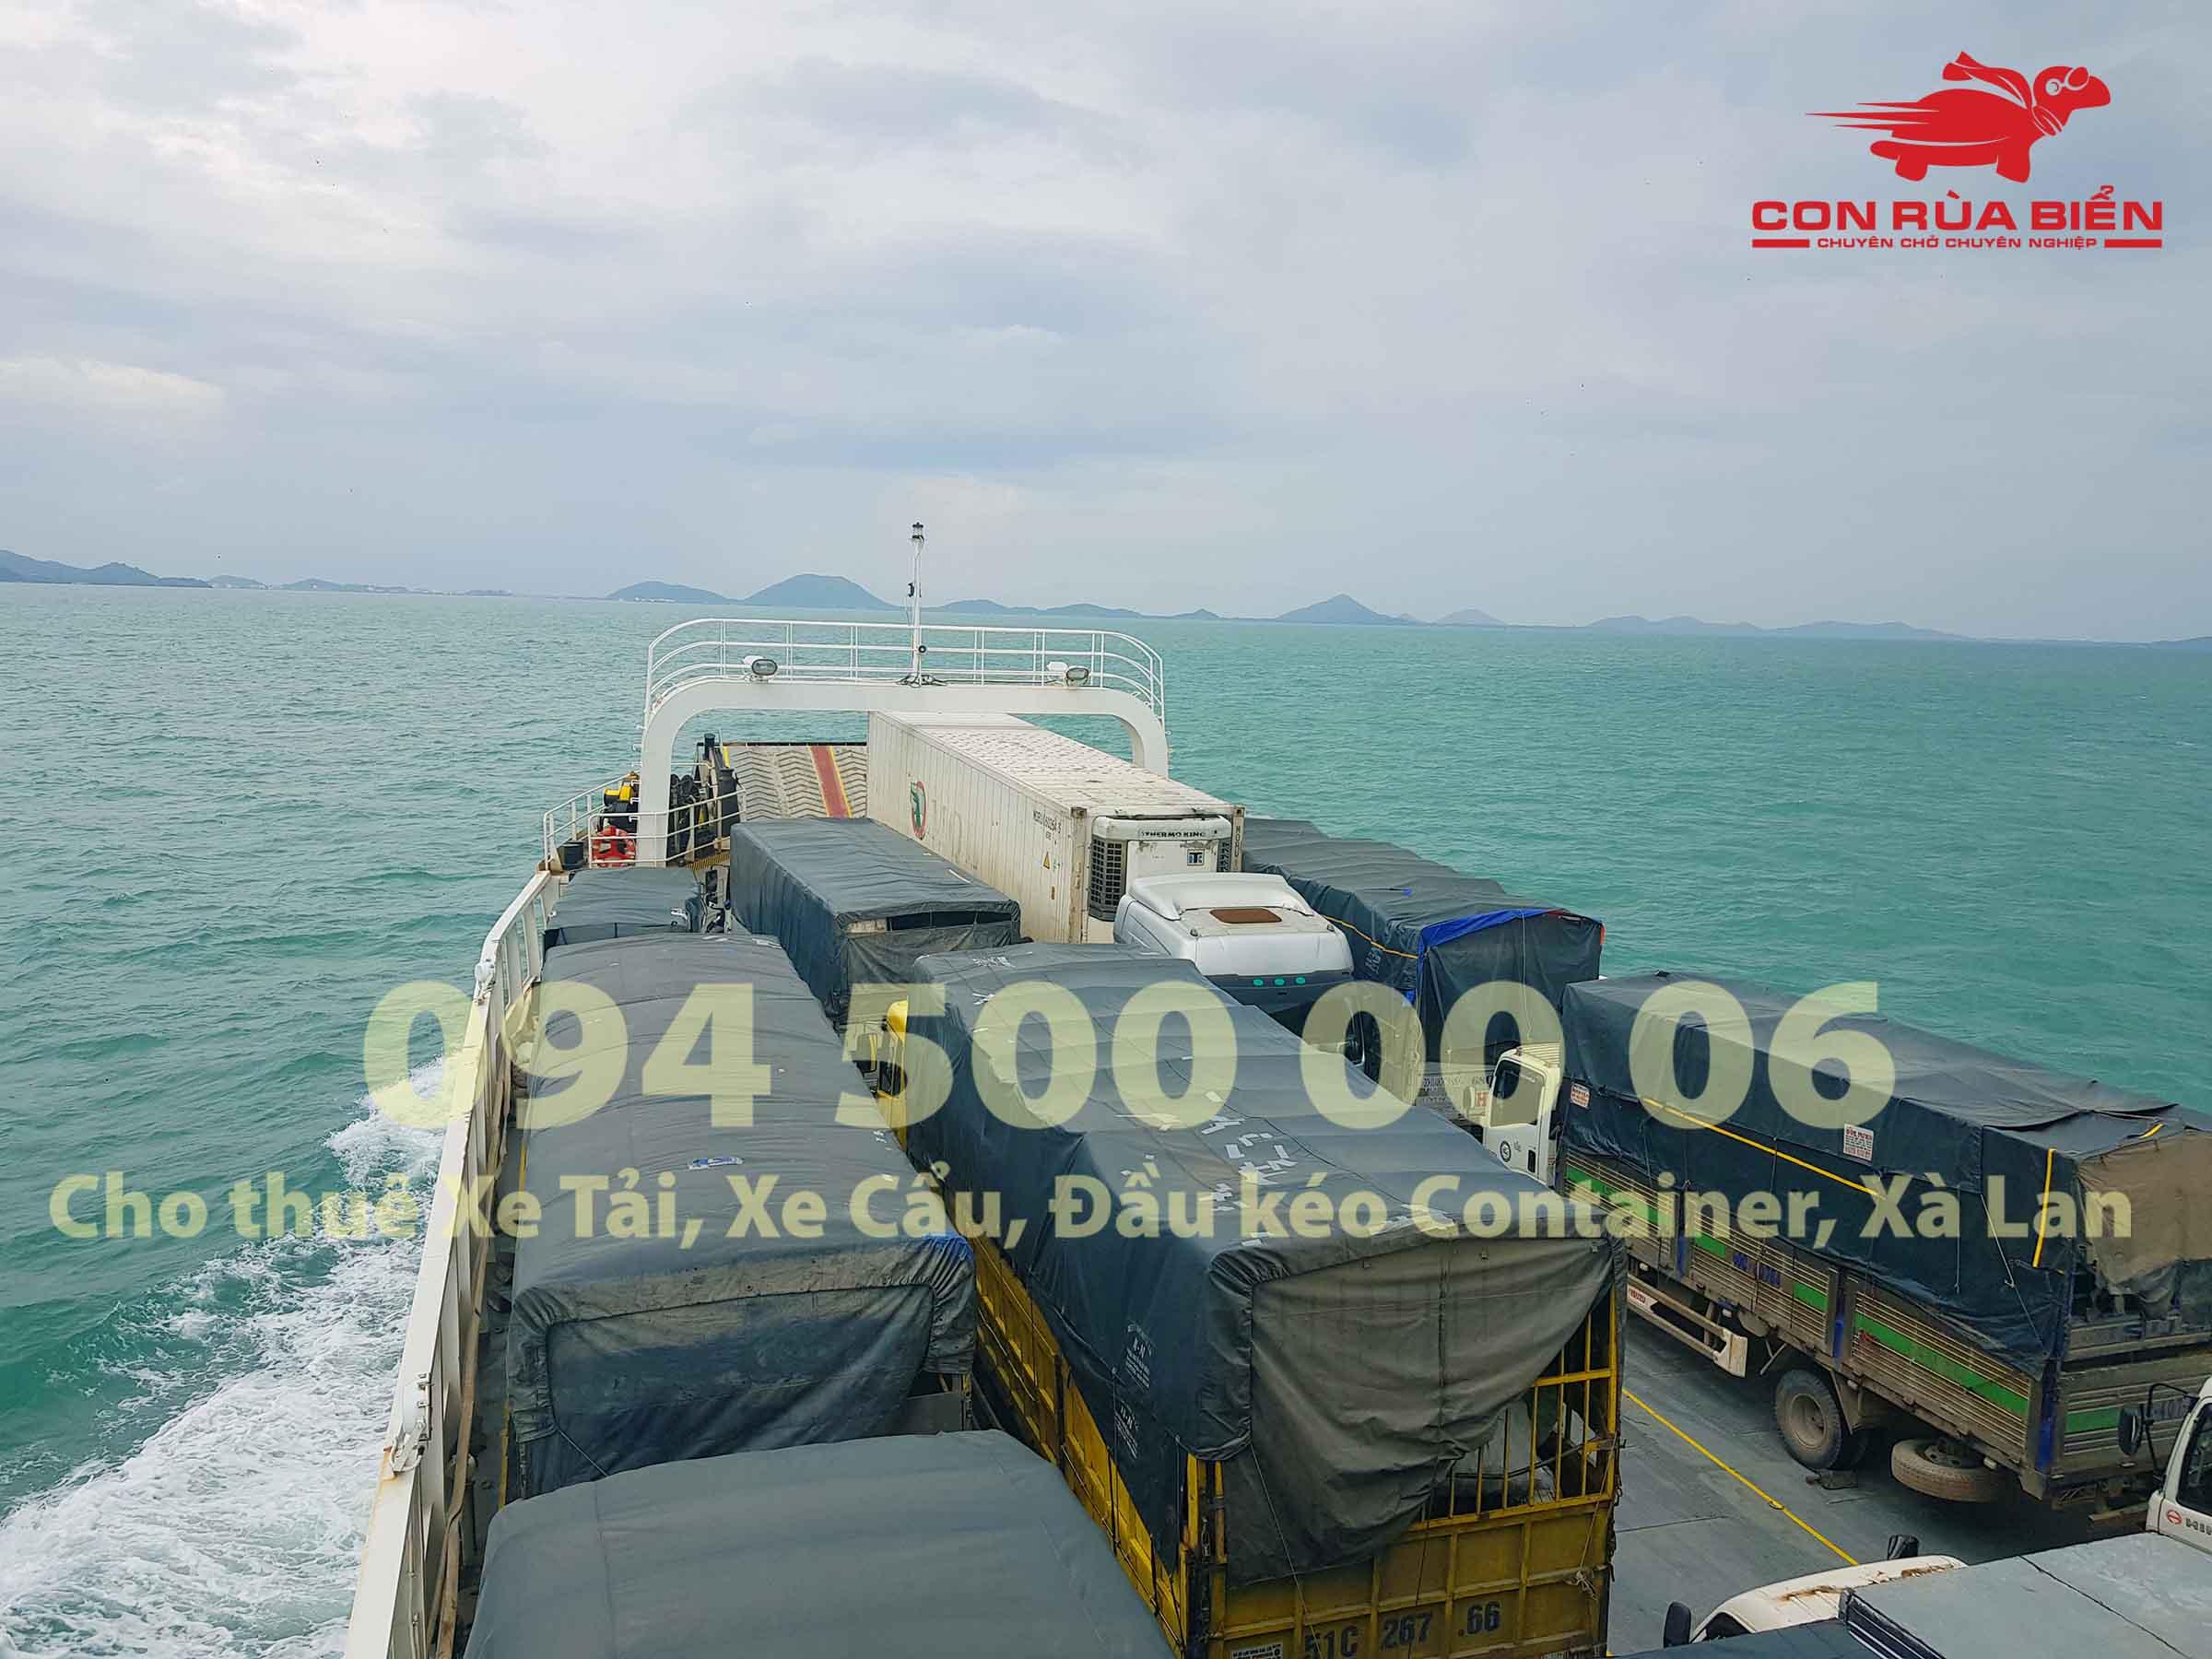 Cho thue xa lan cho xe dau keo container di Phu Quoc 9